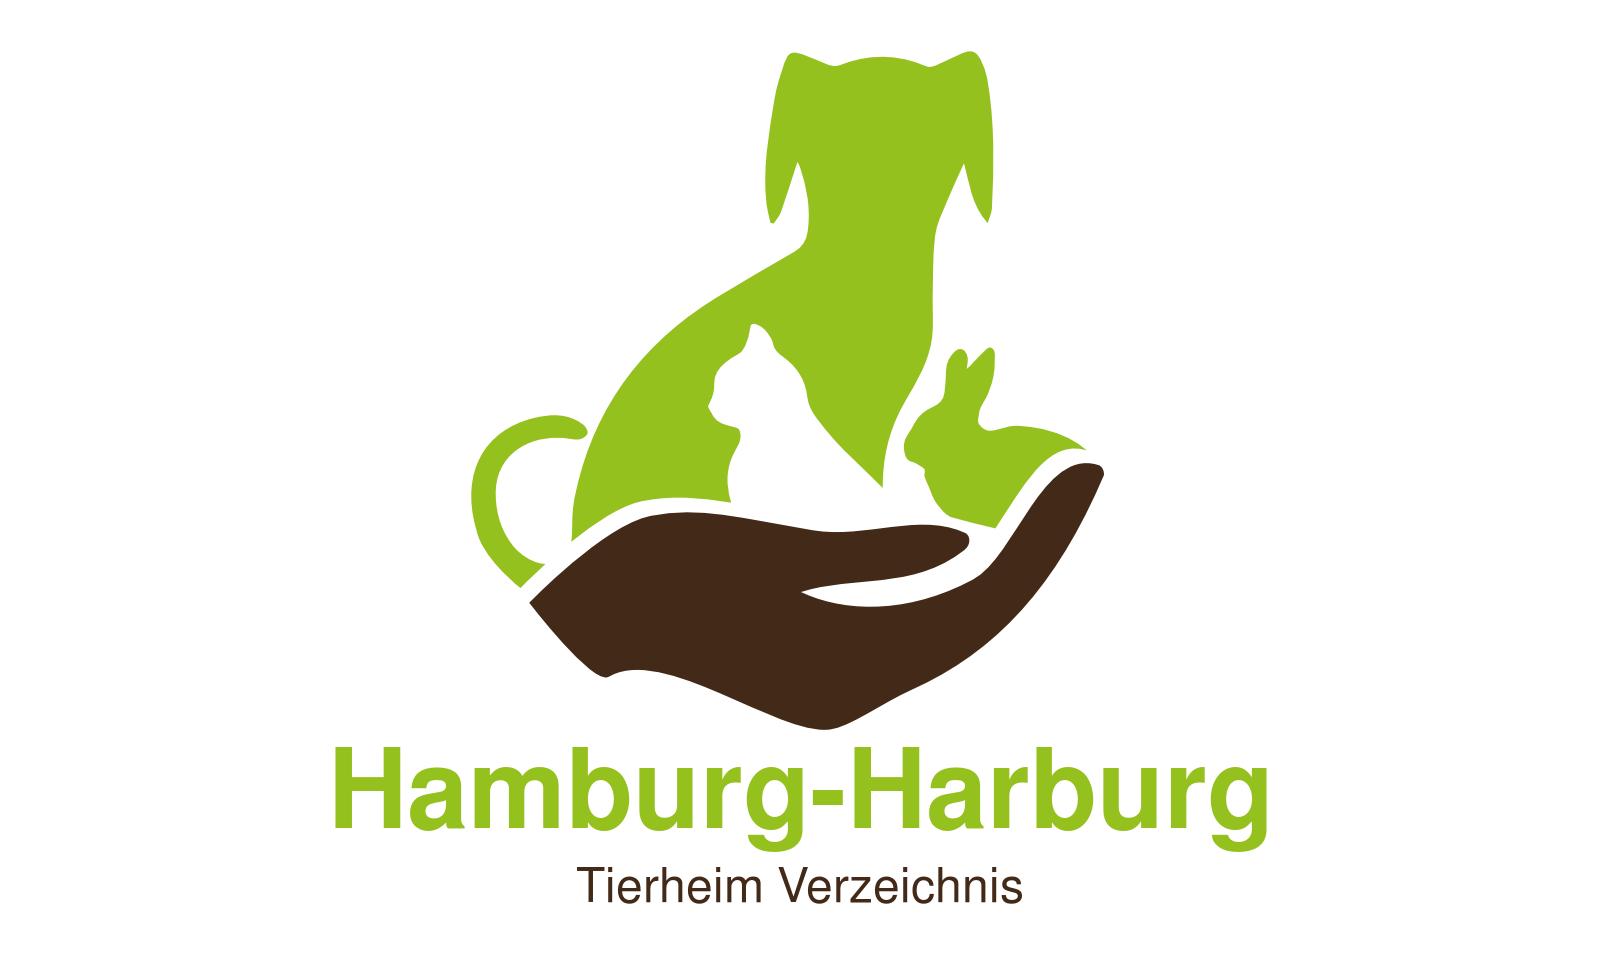 Tierheim Hamburg Harburg